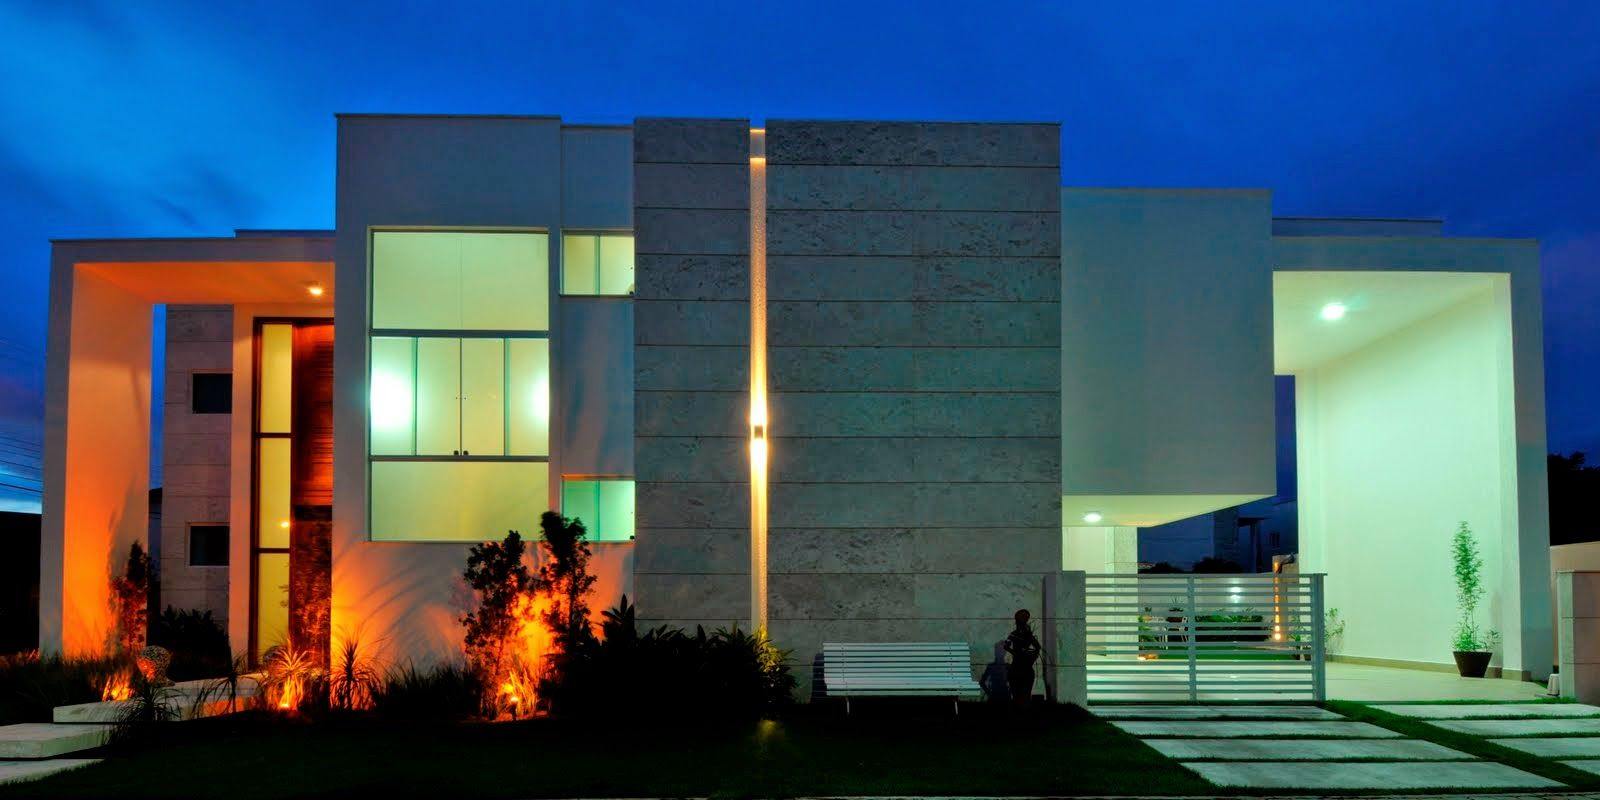 20 fachadas de casas modernas com linhas retas veja - Fachadas casas modernas ...